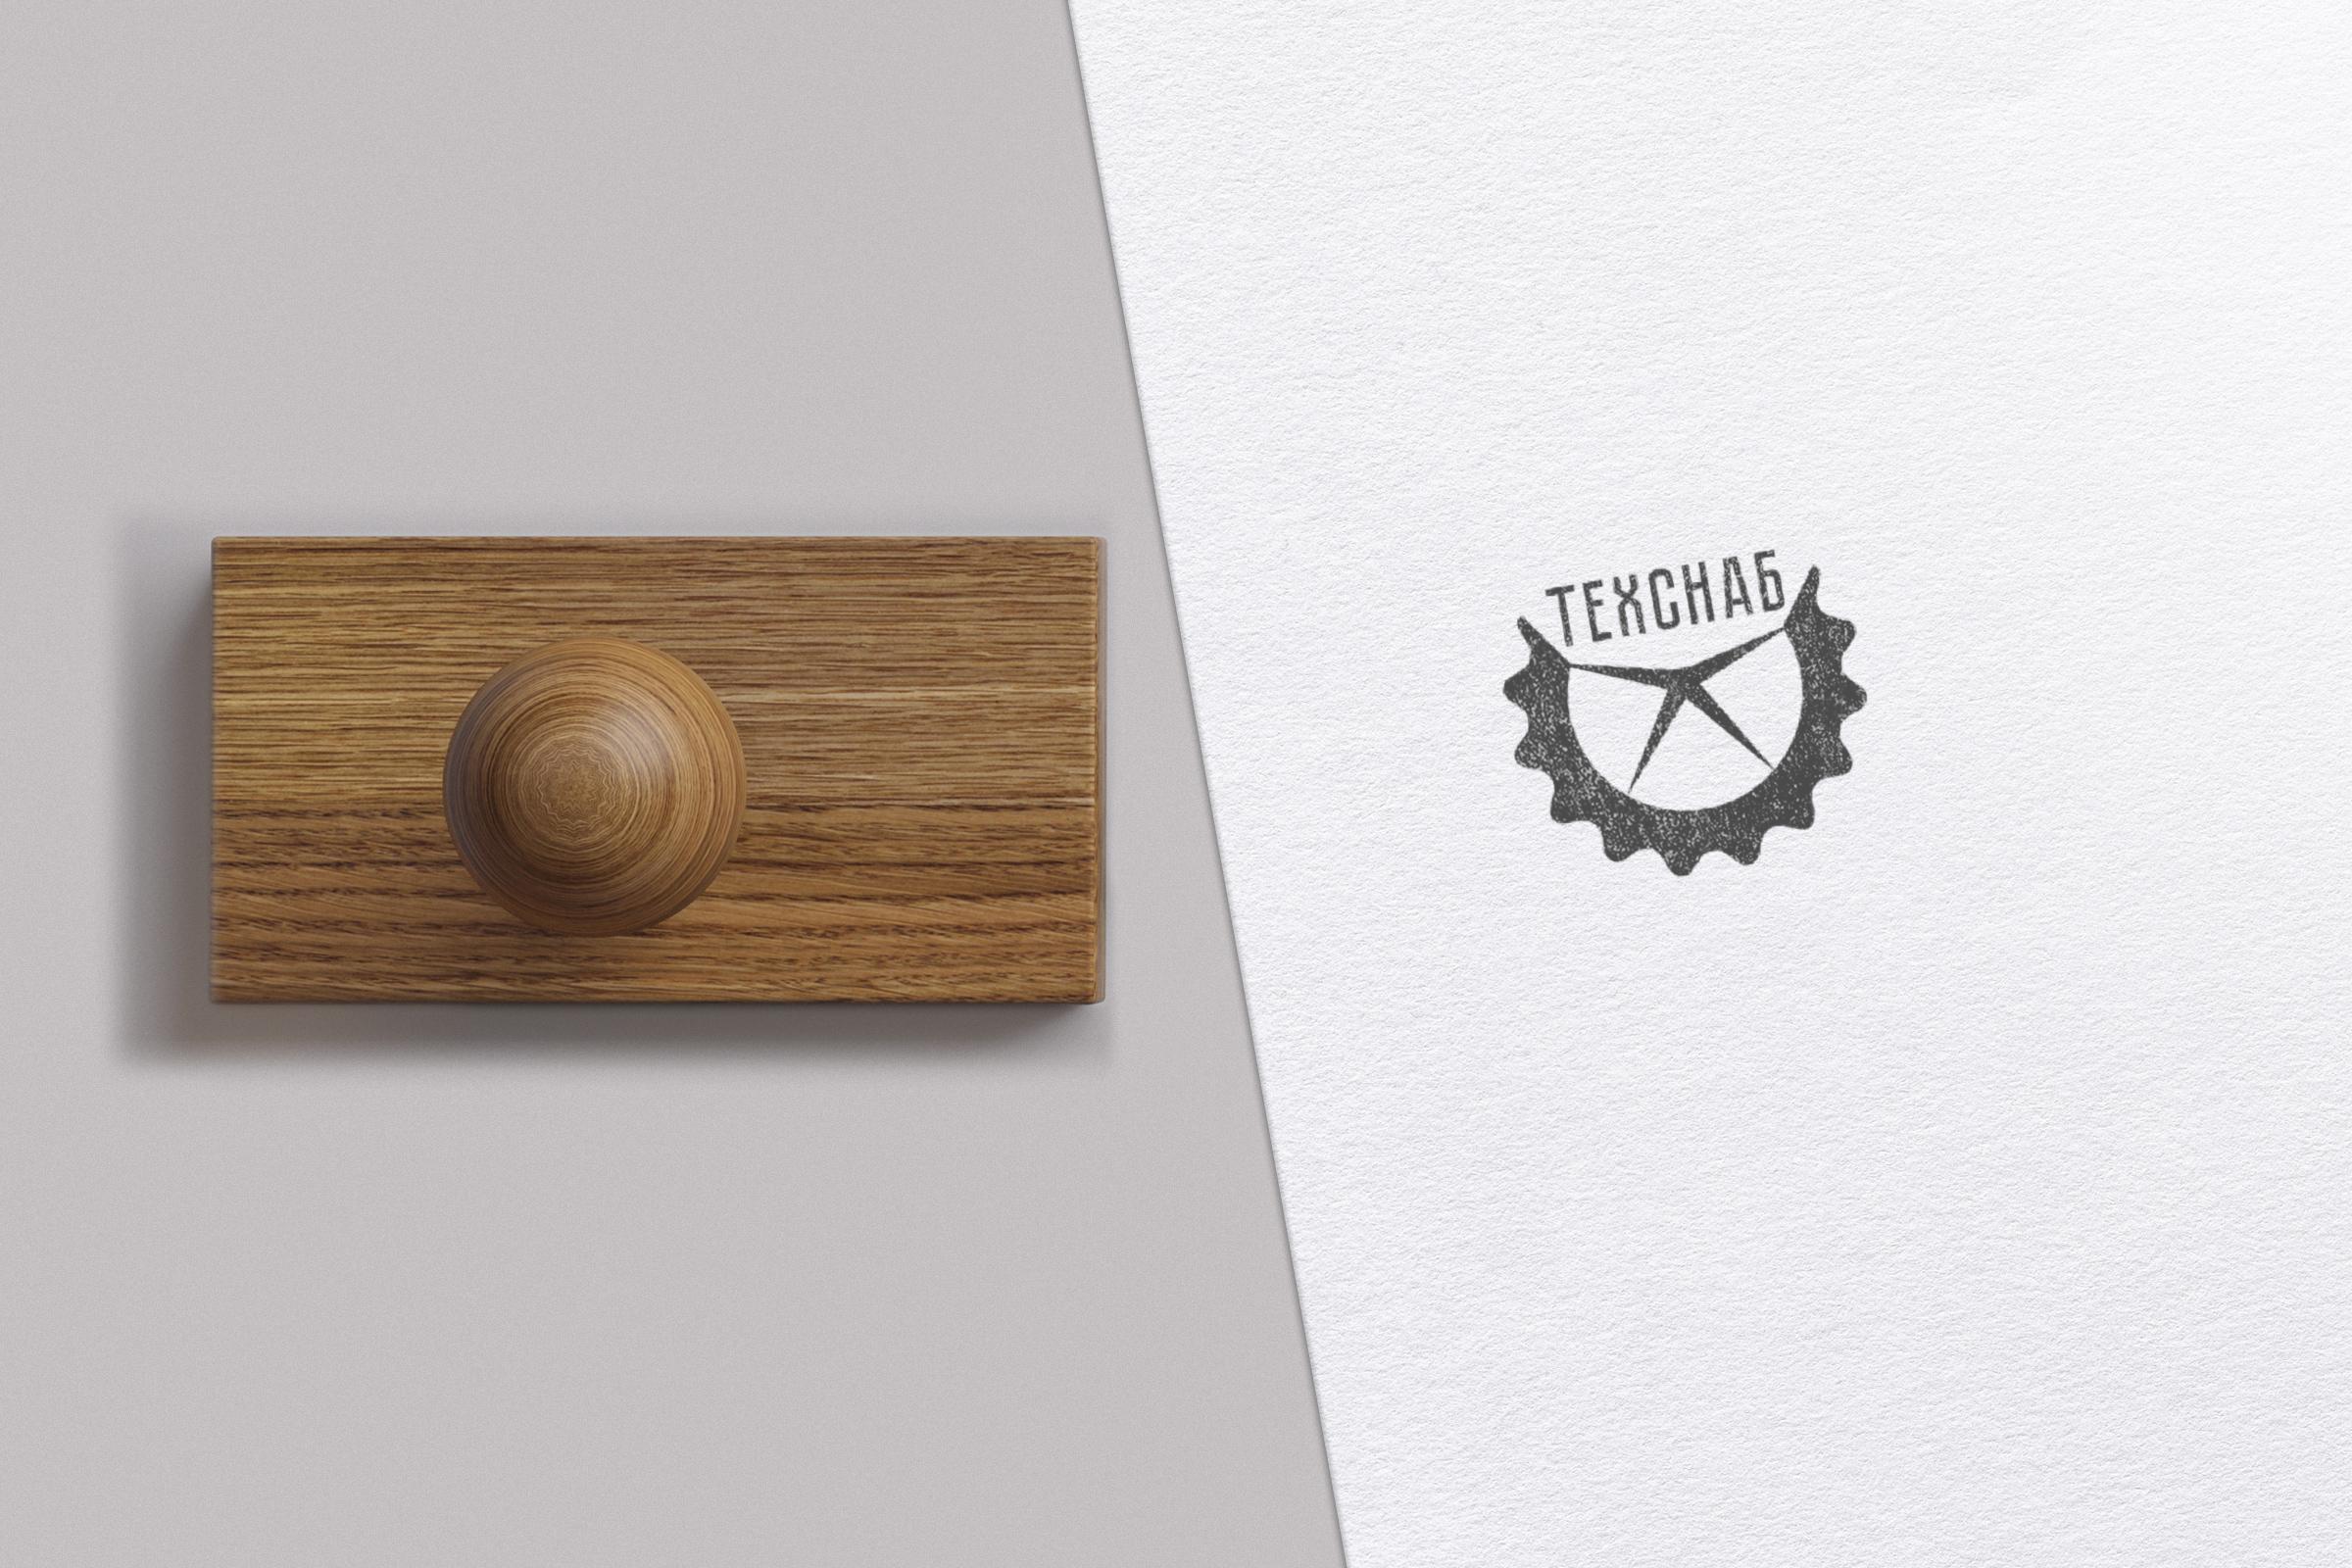 Разработка логотипа и фирм. стиля компании  ТЕХСНАБ фото f_0805b1eab0b313a9.jpg